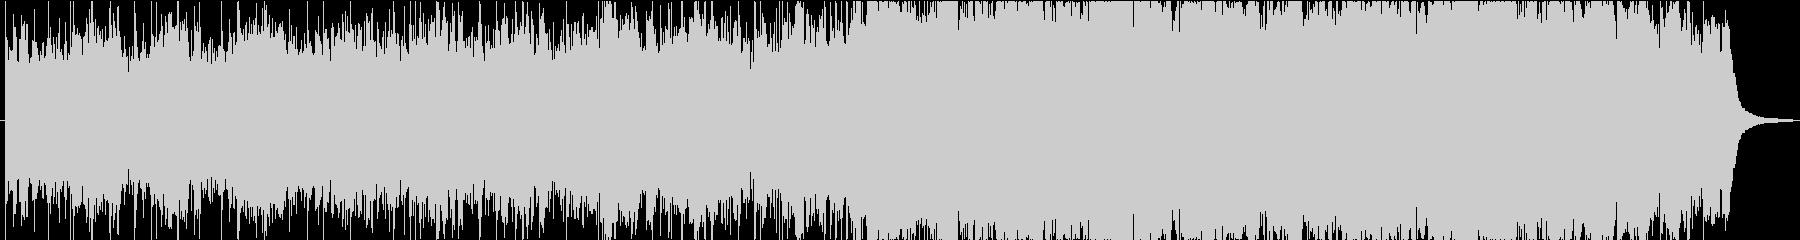 クワイア×ピアノ×エモ 宇宙的インスト!の未再生の波形